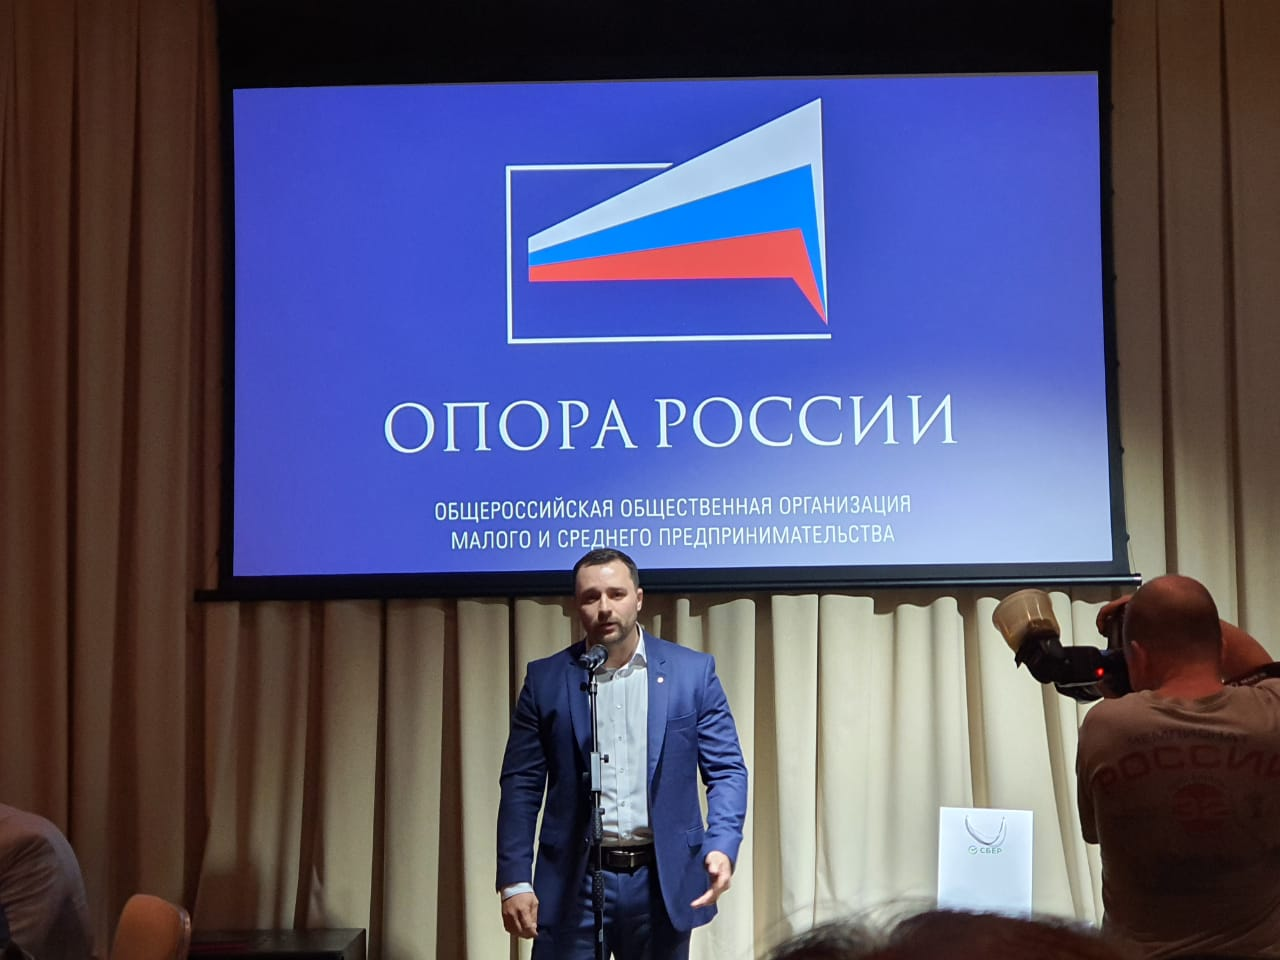 Сбербанк поздравил Приморское краевое отделение «Опора России» с 15-летием